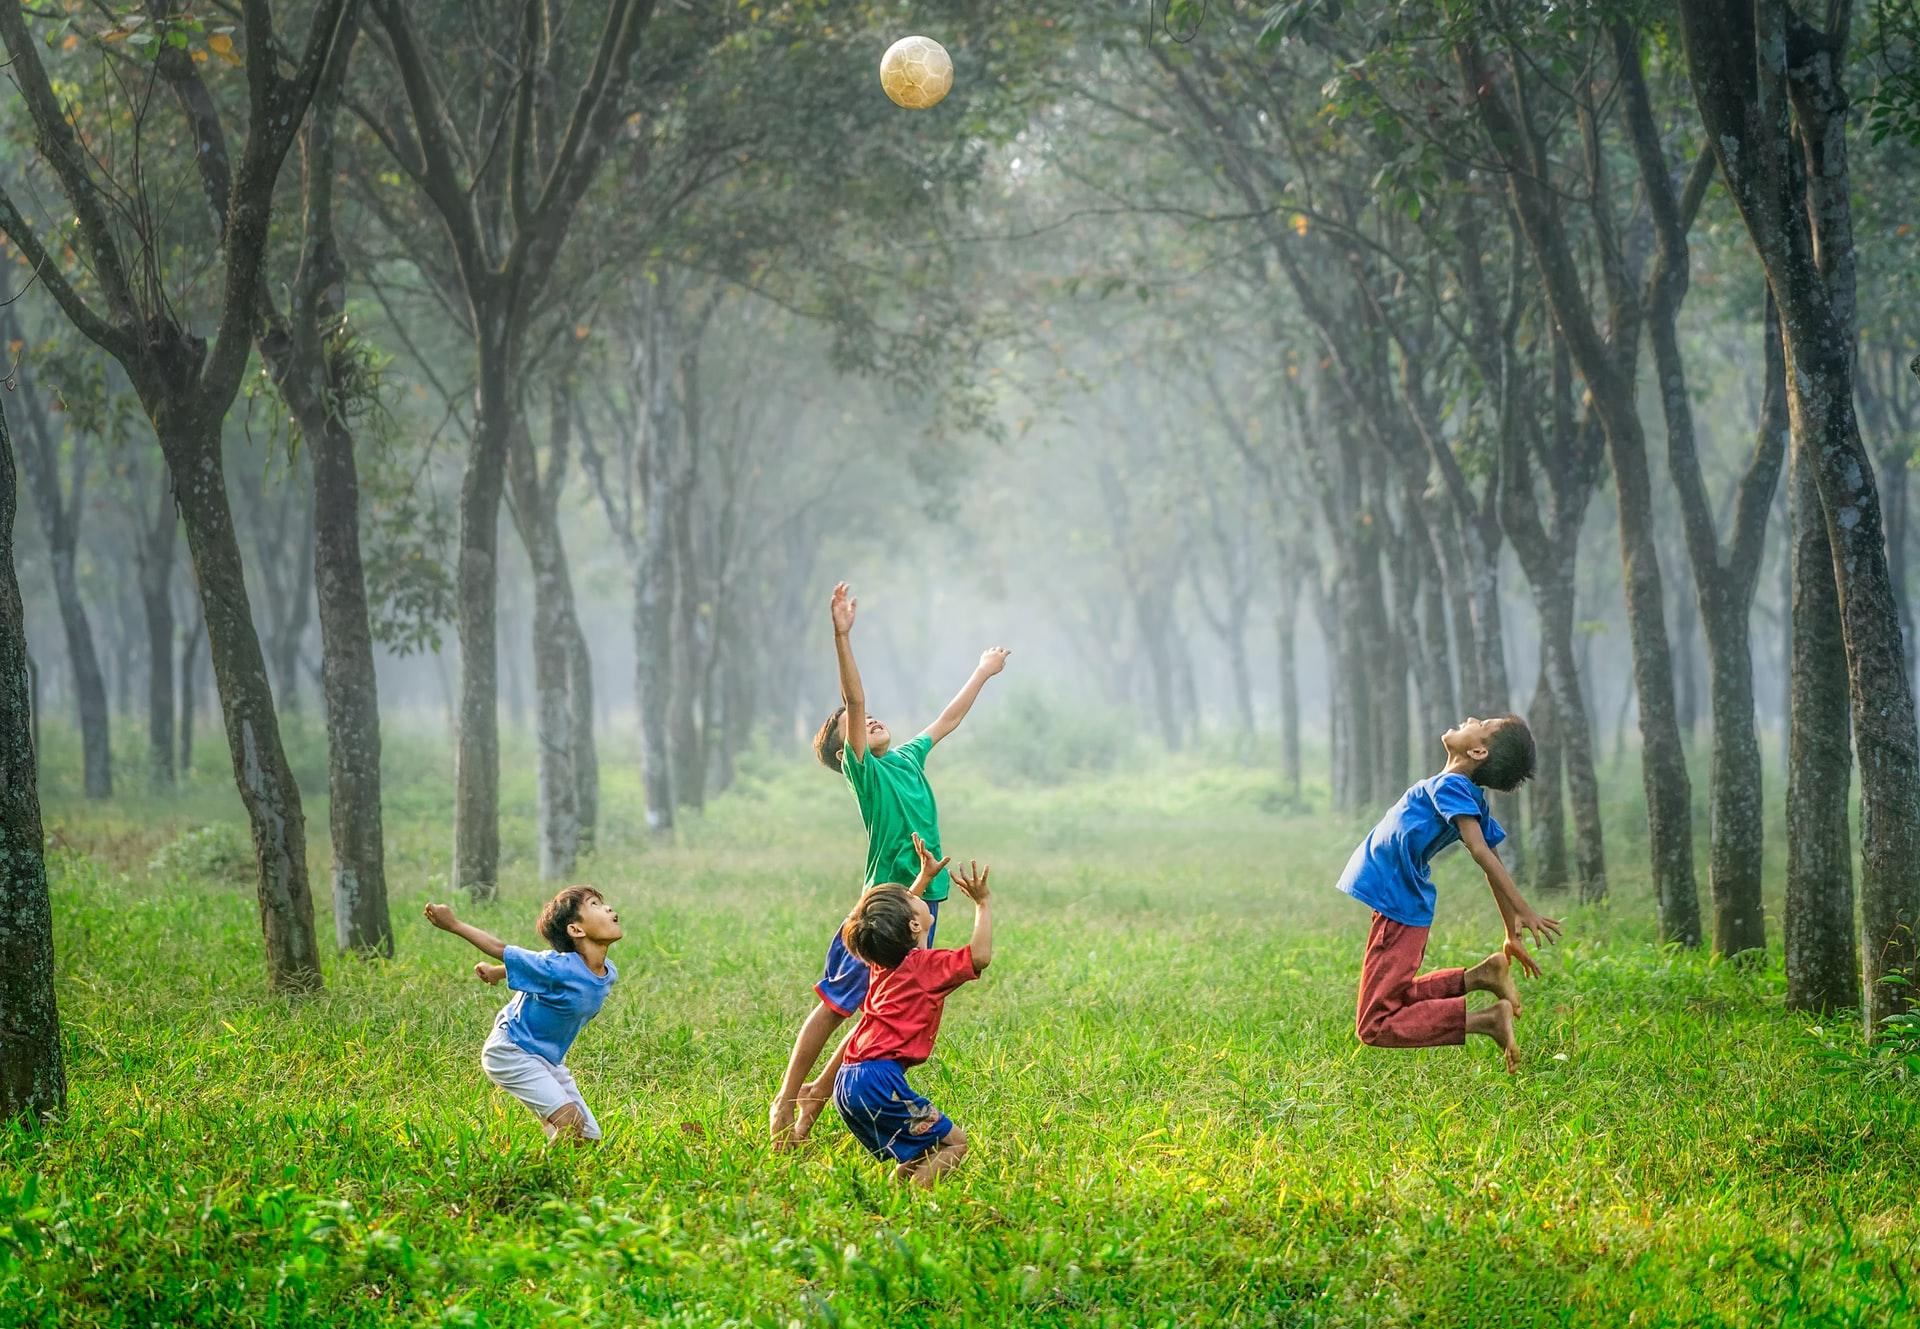 まとめ:児童労働の撲滅目標まで残り4年